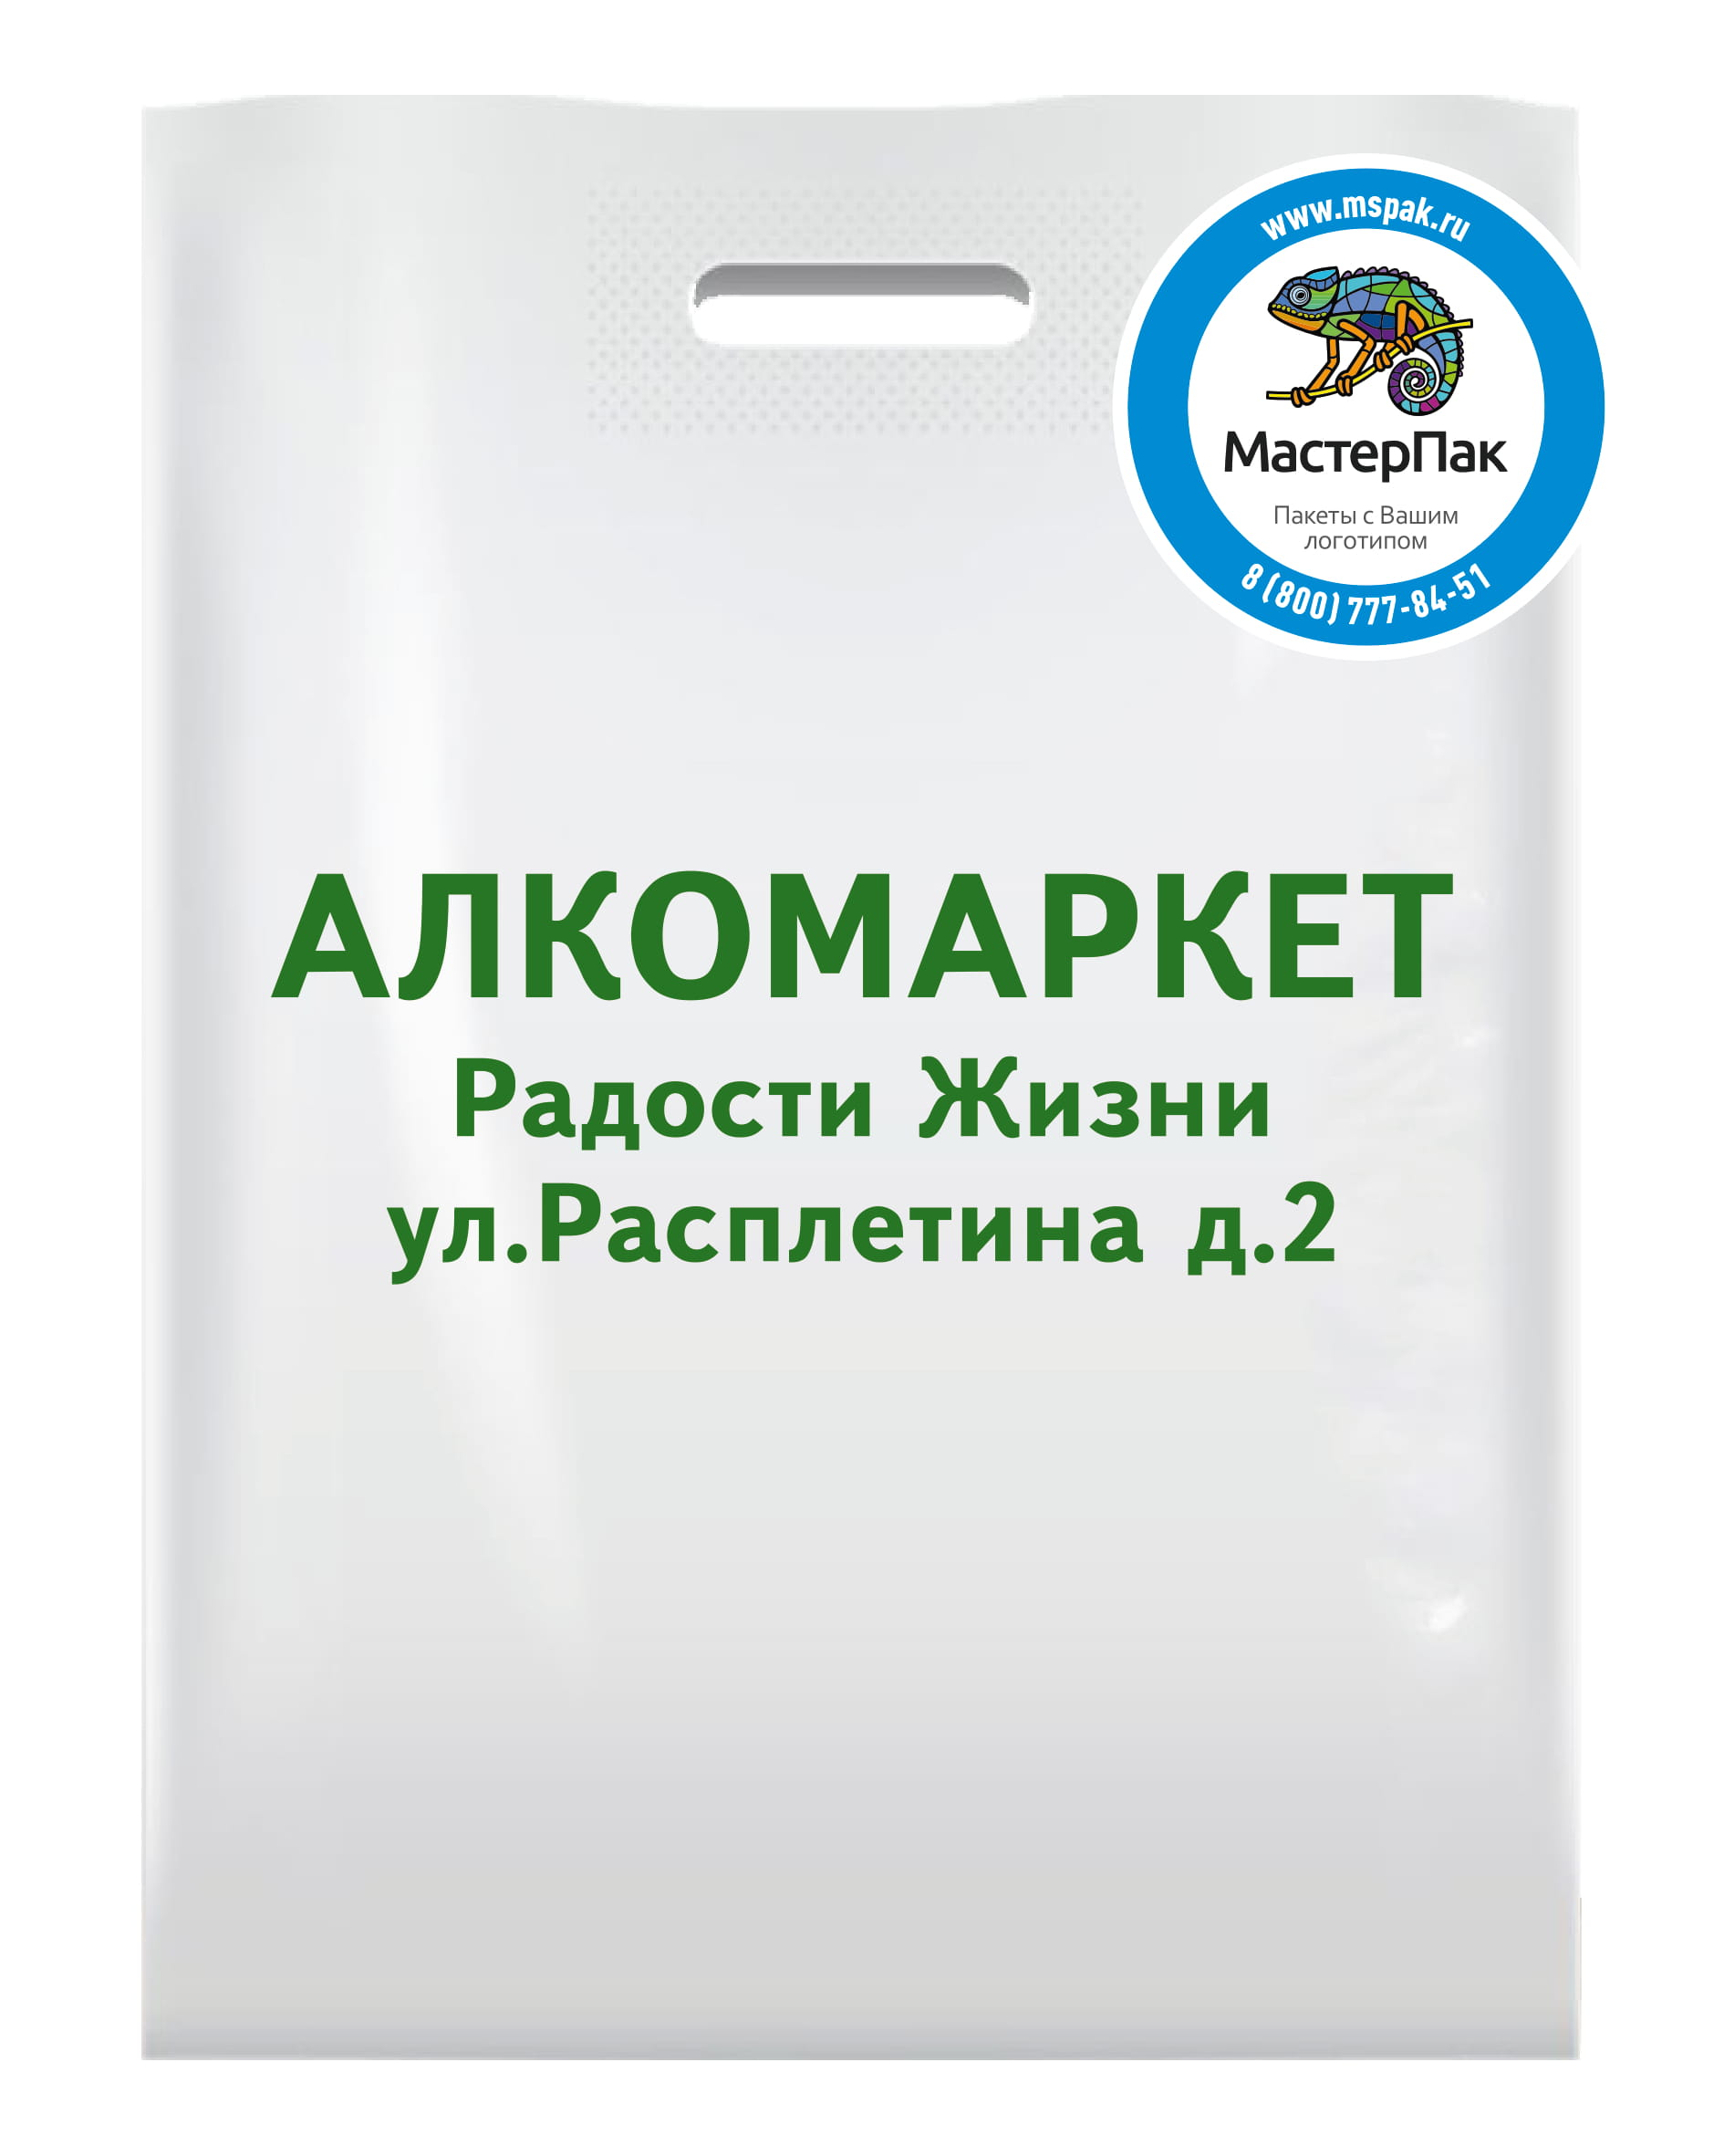 Пакет ПВД белый, с вырубной ручкой и логотипом Алкомаркет, Белгород, 70 мкм